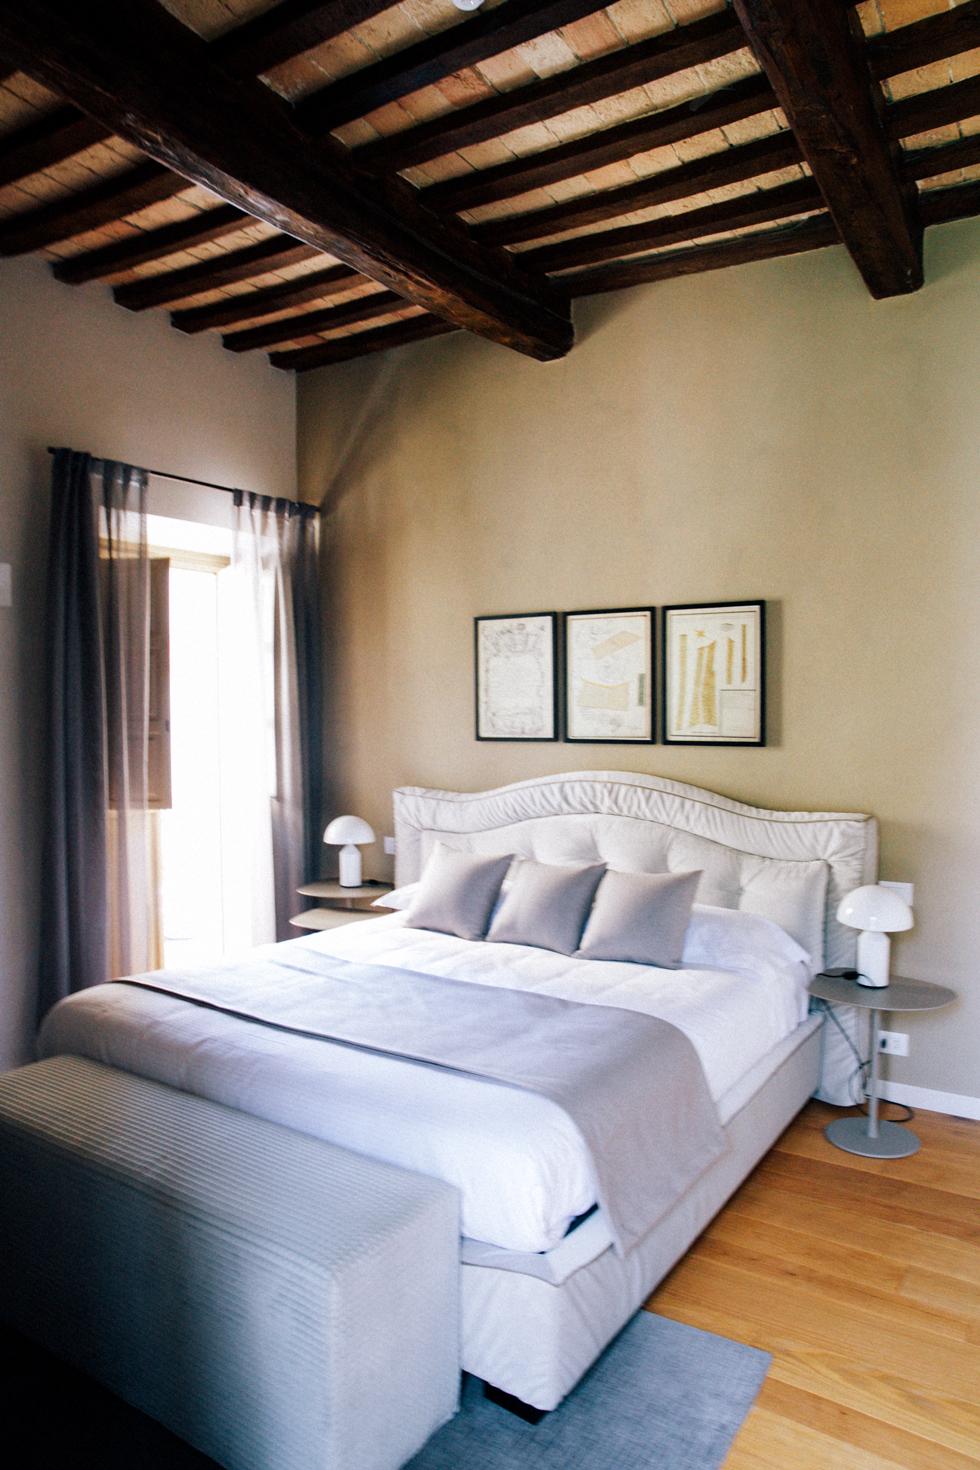 Petra tung rdens blogg metro mode sida 5 for Villa del borgo canelli